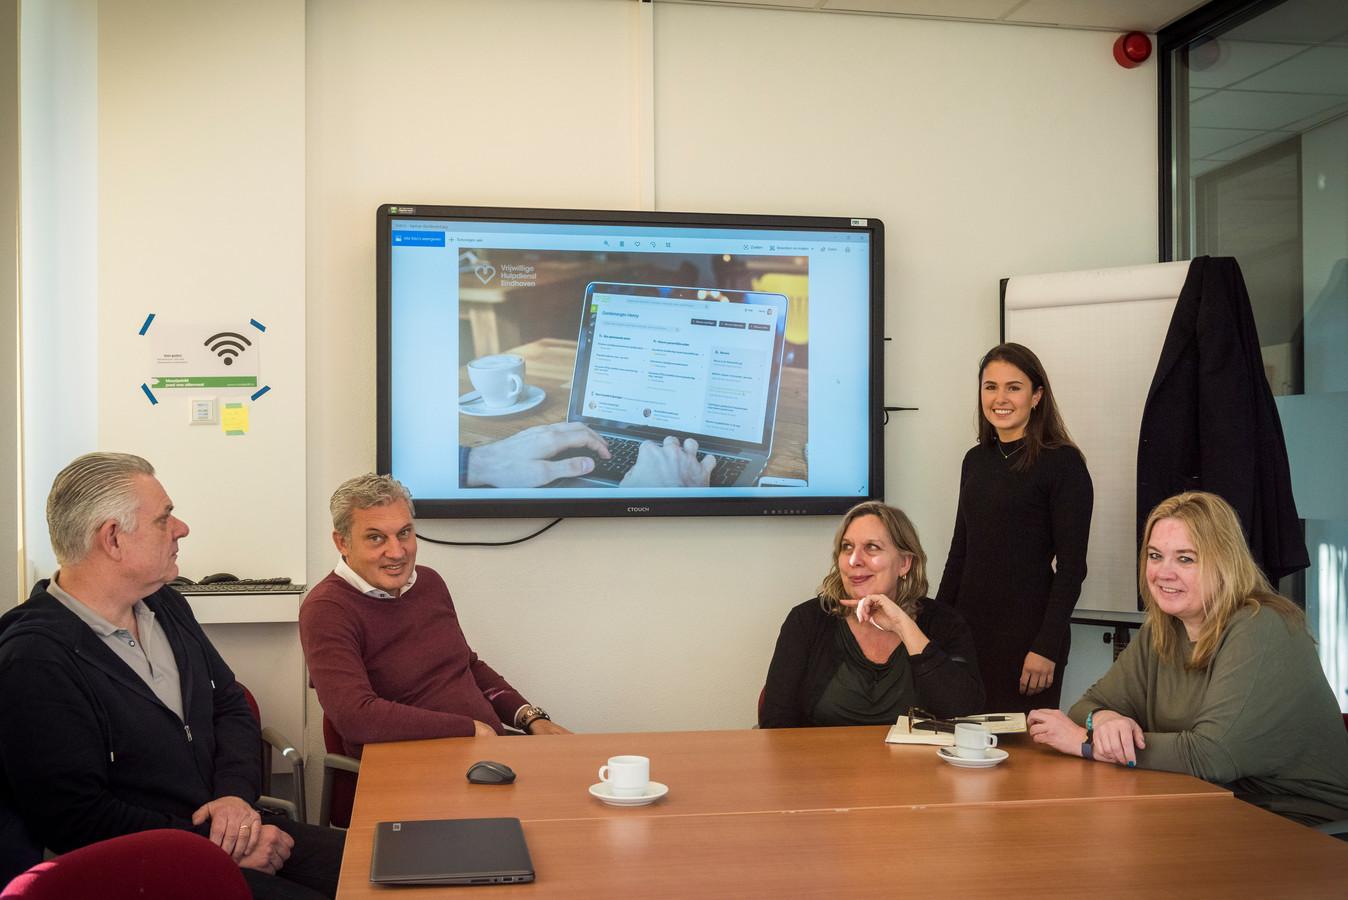 Jan Schenk, ICS-directeur Bart van der Sluijs, directeur Judith van de Belt van de Vrijwillige Hulpdienst Eindhoven, Romy Waterman en Chantal Cliteur van de Werkplaats Financiën (vlnr).